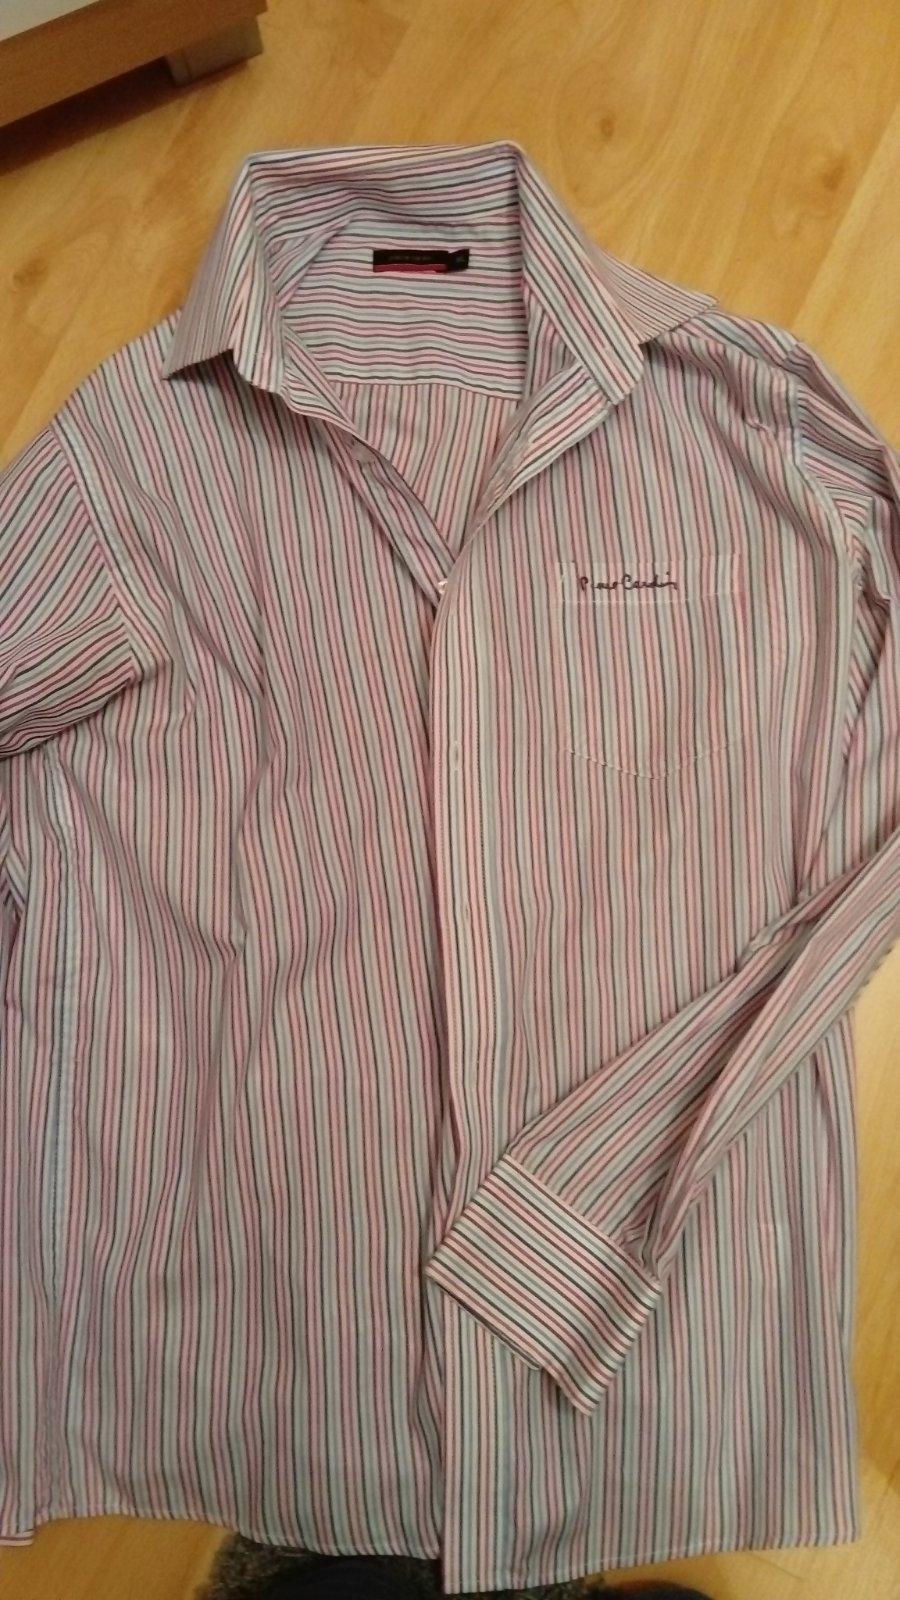 85a1ff12c091 Pier cardin košeľa